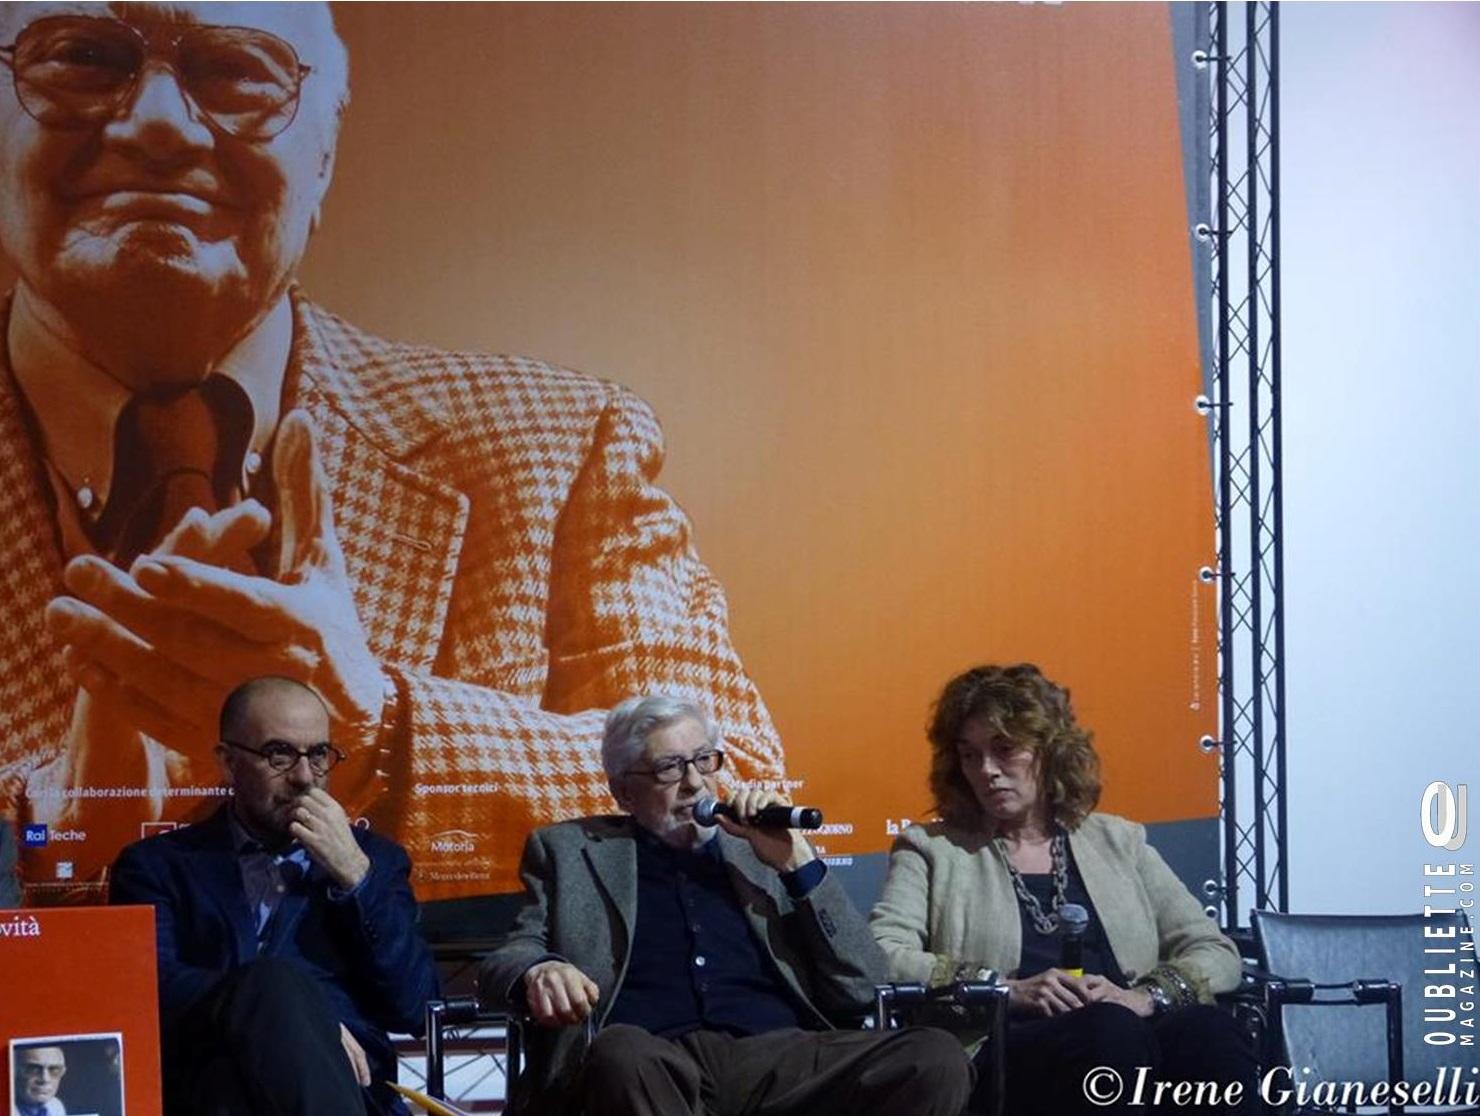 La Sesta Edizione del Bari International Film Festival 2015 ricorda il maestro del cinema italiano Francesco Rosi